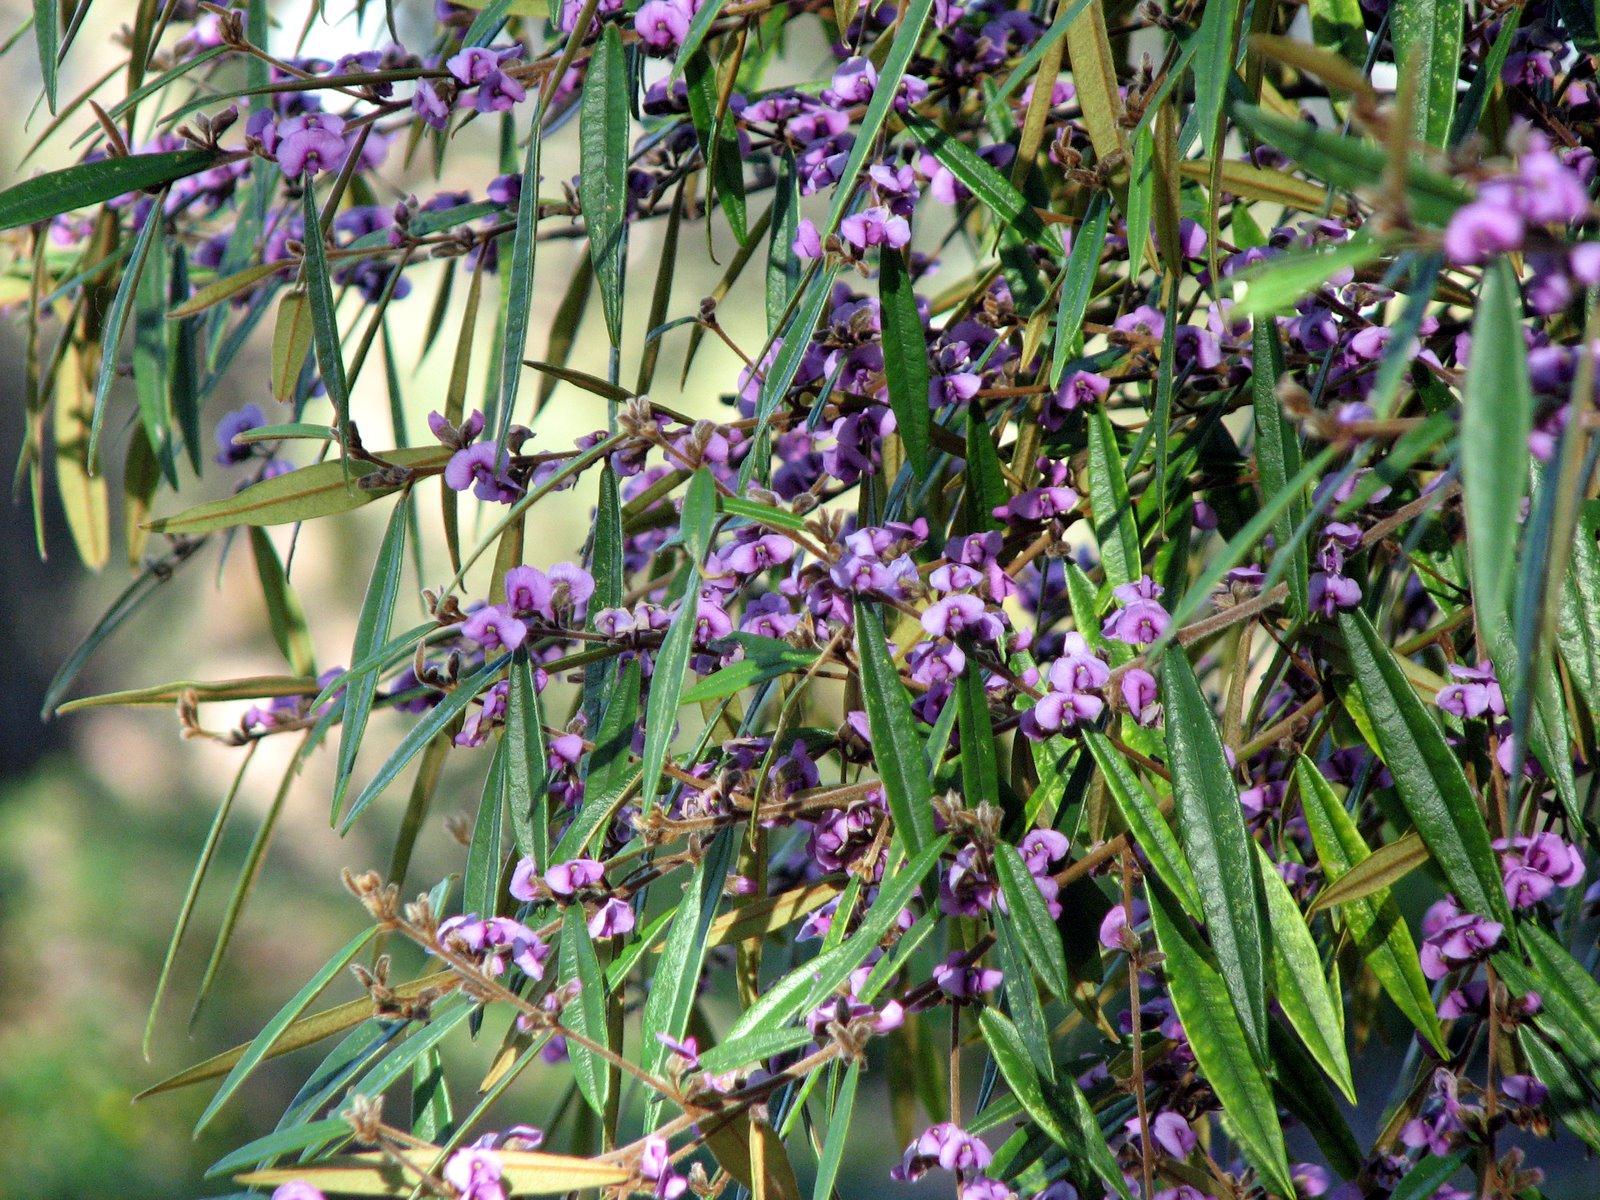 Native Plant graphy Hovea acutifolia Purple Pea Bush In Flower